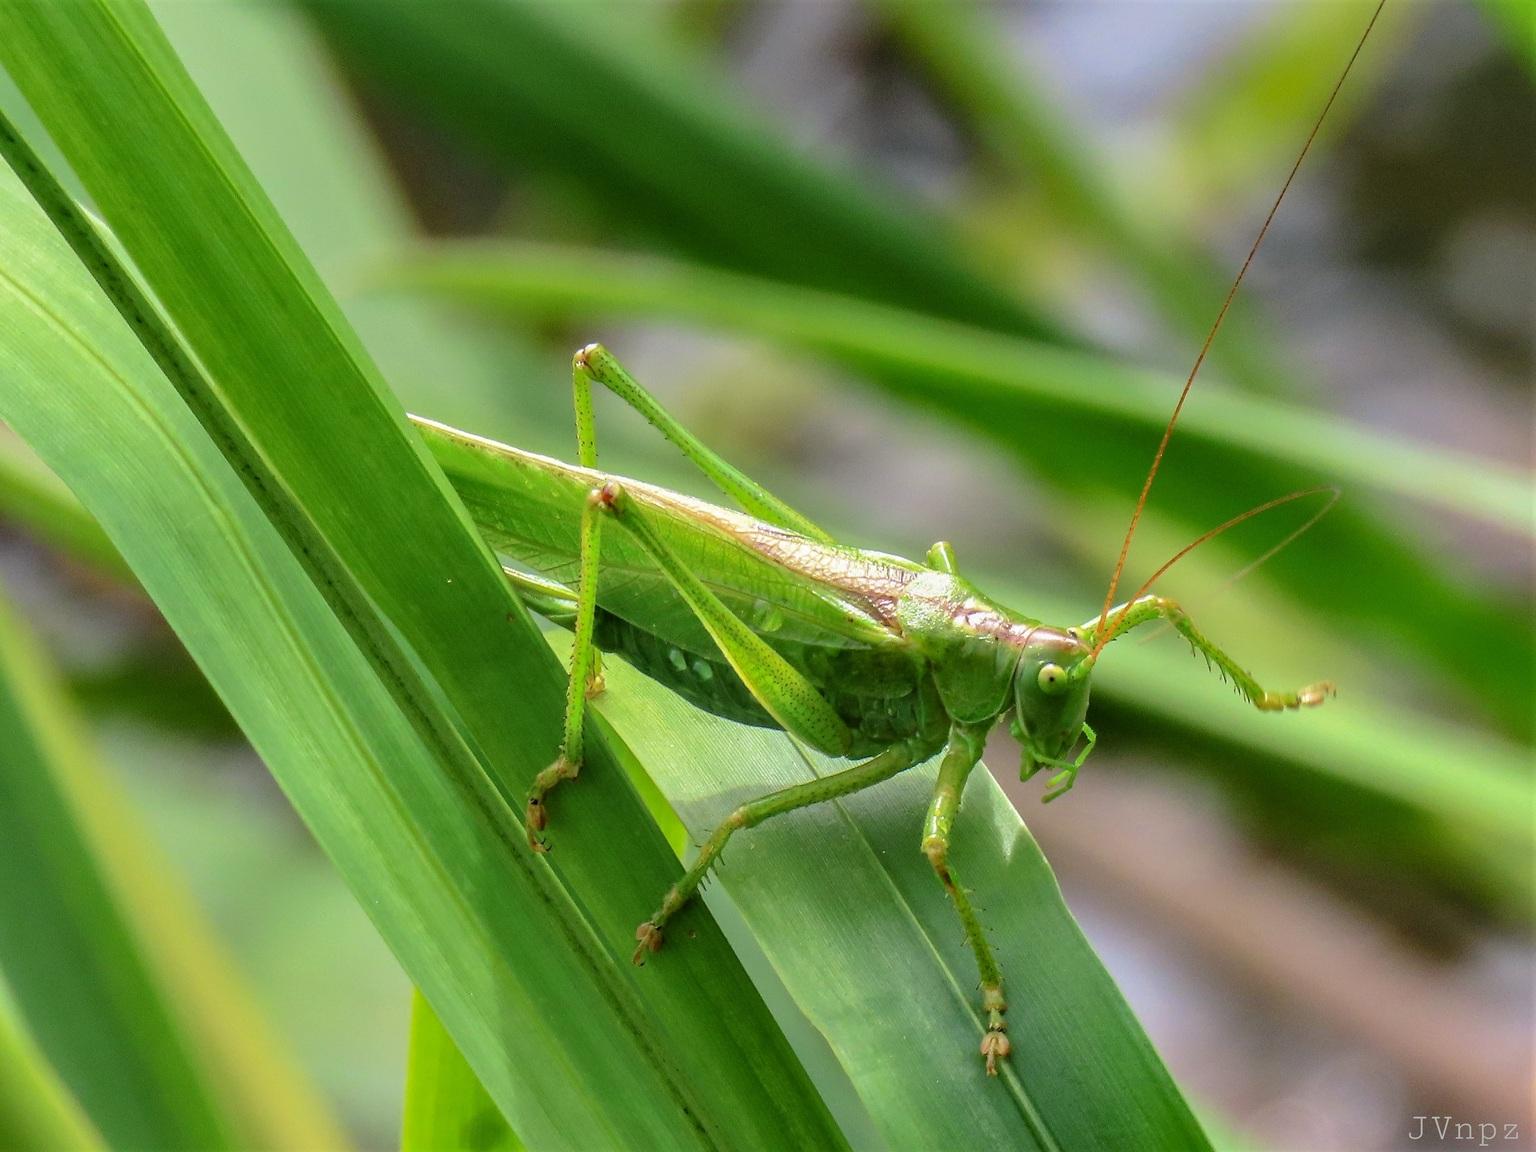 Grote Groene Sabelsprinkhaan - Deze Grote Groene Sabelsprinkhaan kan zingen met een harde scherpe ratel. - foto door Vissernpz op 12-04-2021 - locatie: Assen, Nederland - deze foto bevat: insect, sprinkhaan, groen, groot, fabriek, insect, oog, geleedpotigen, terrestrische plant, gras, plaag, cricket, grass familie, terrestrische dieren